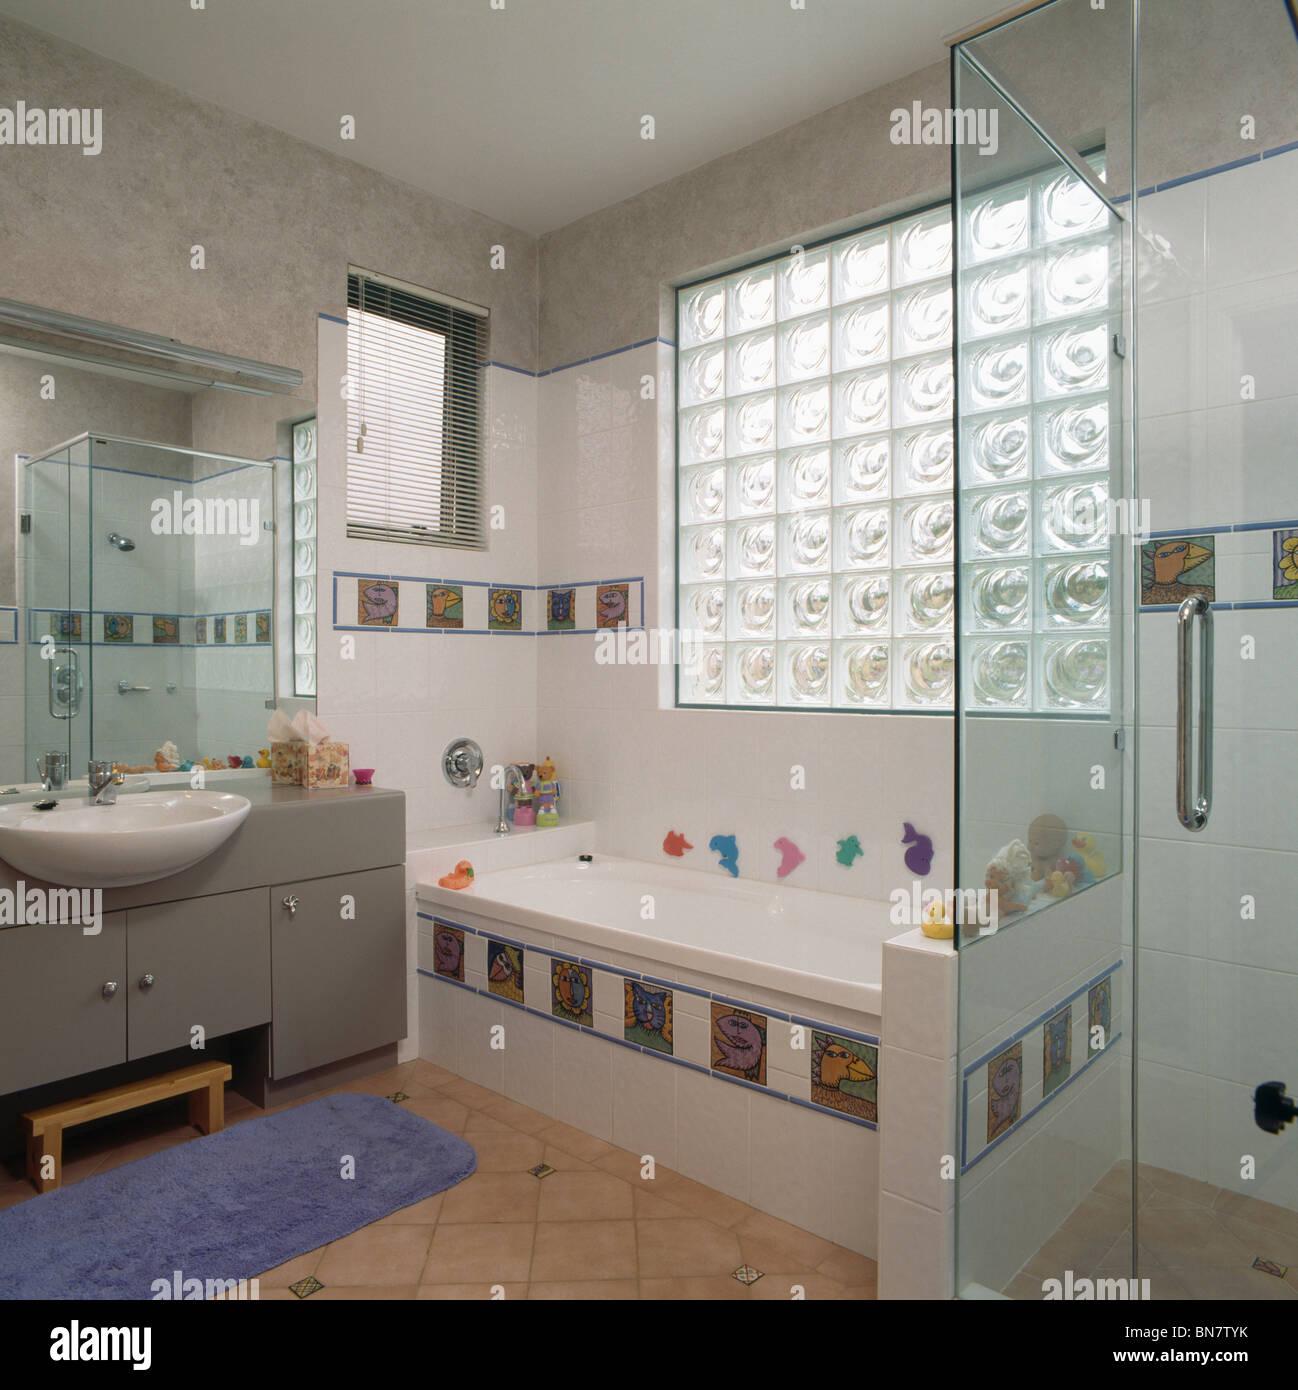 Mattone di vetro sopra la finestra bagno con piastrelle decorative in famiglia moderna stanza da - Piastrelle di vetro ...